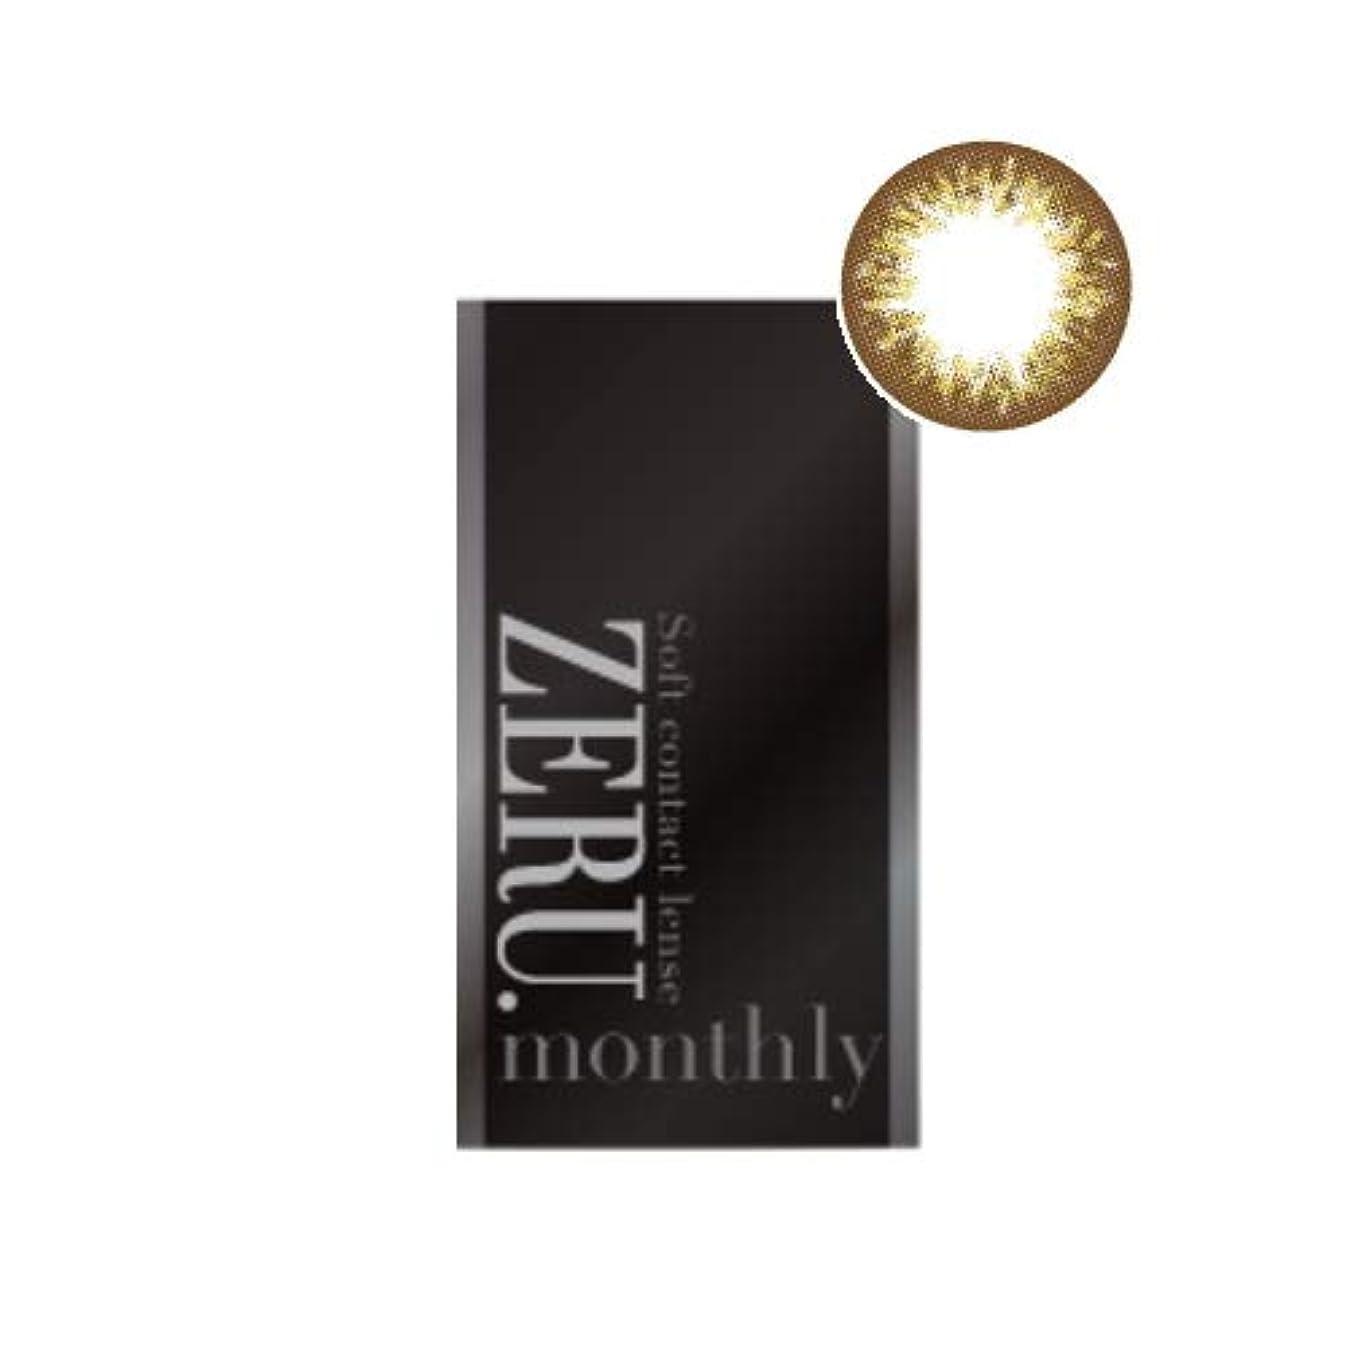 薬理学医療の回転させるゼルマンスリー ZERU.monthly 1箱1枚 1ヶ月 度あり/度なし 14.2ミリ 14.5ミリカラコン(ヴィル ヘーゼルPWR:-1.75)